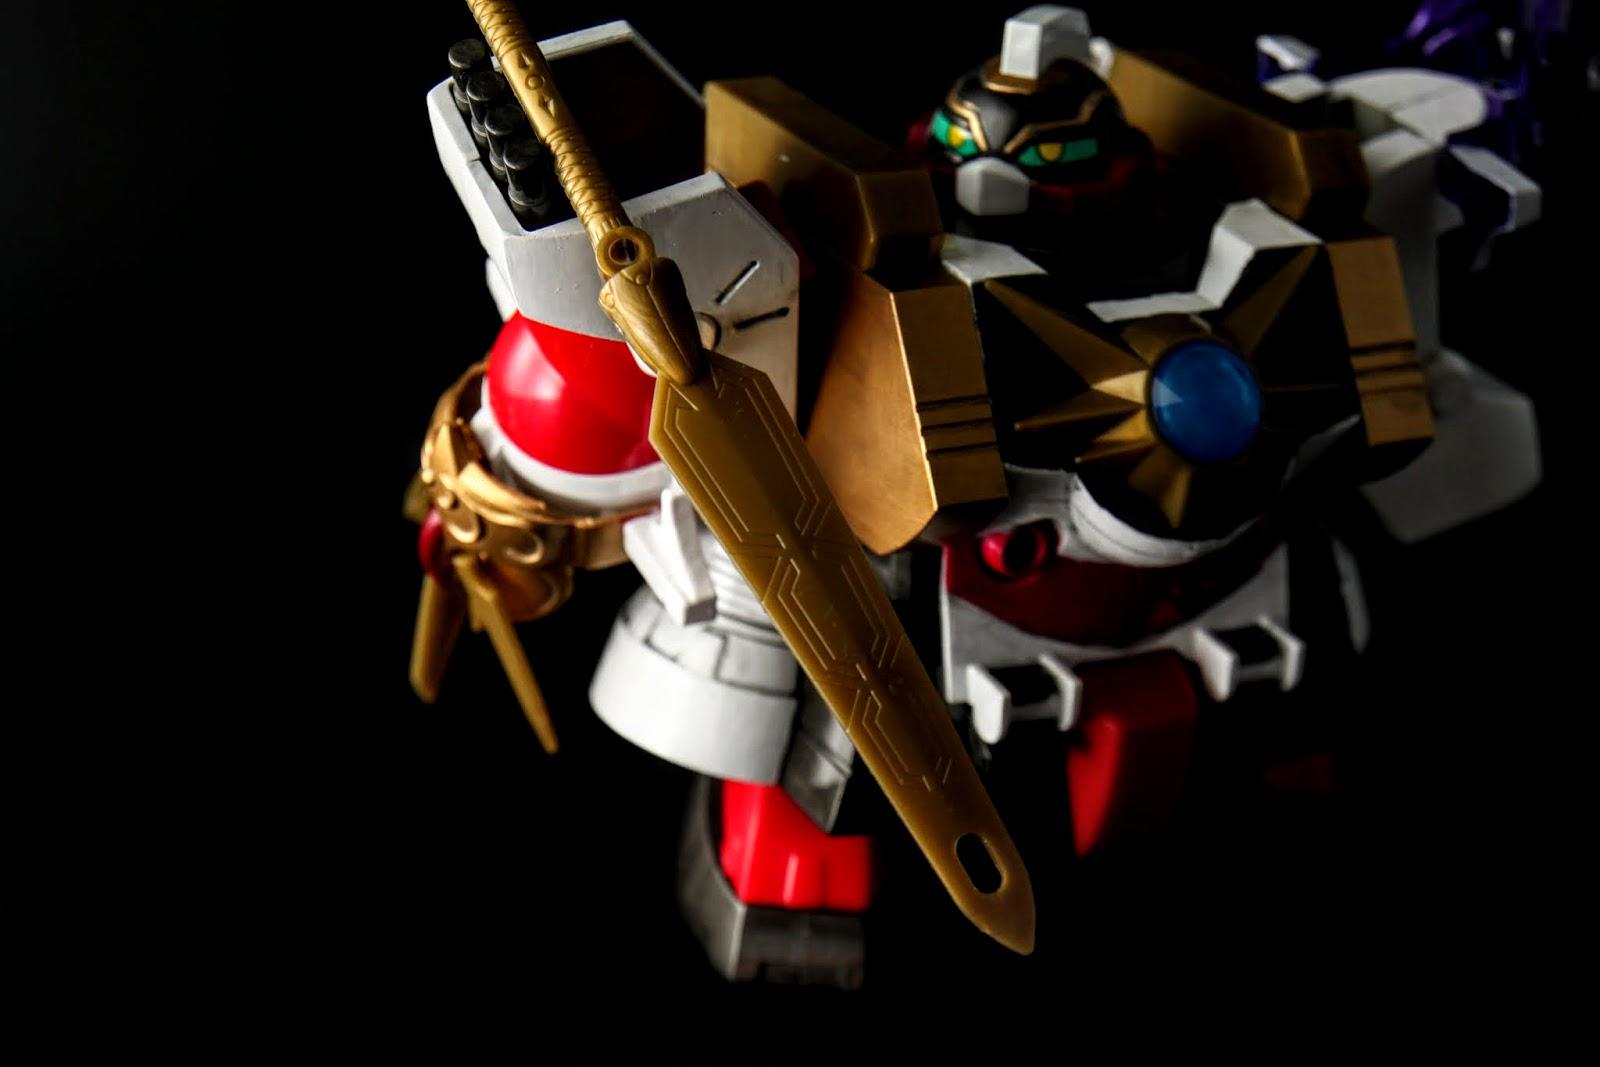 黒石岩槍,所有機甲神的武器裡最大把的